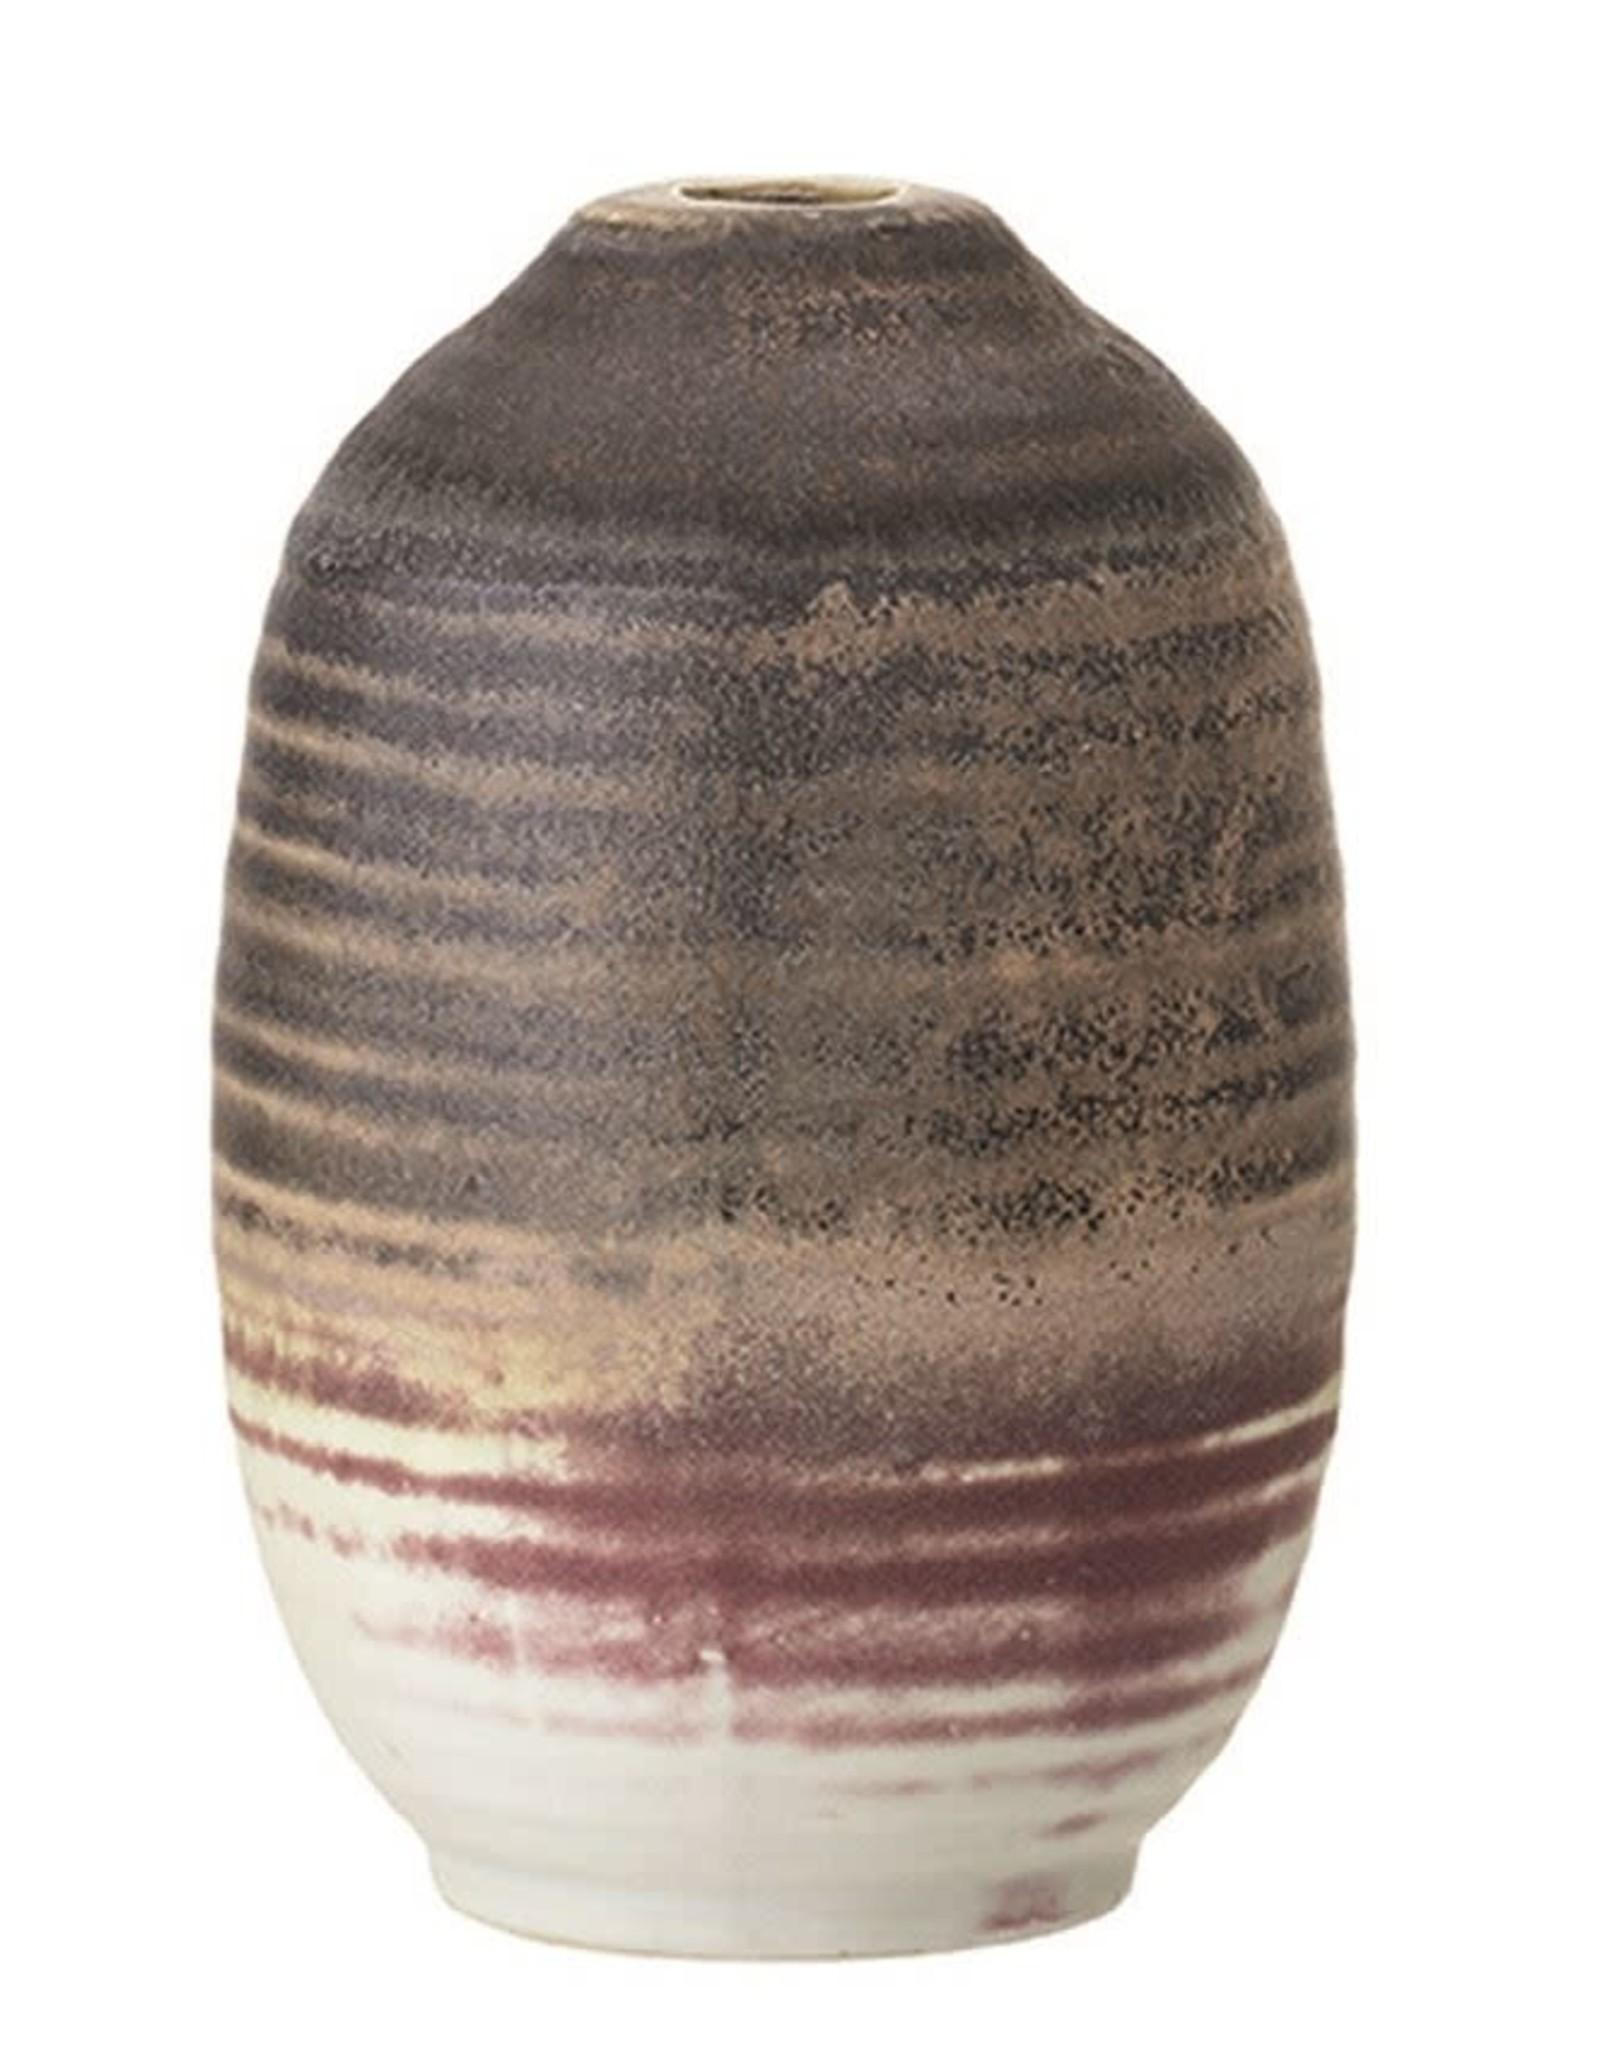 Stoneware Vase, Brown, Plum & Cream Color